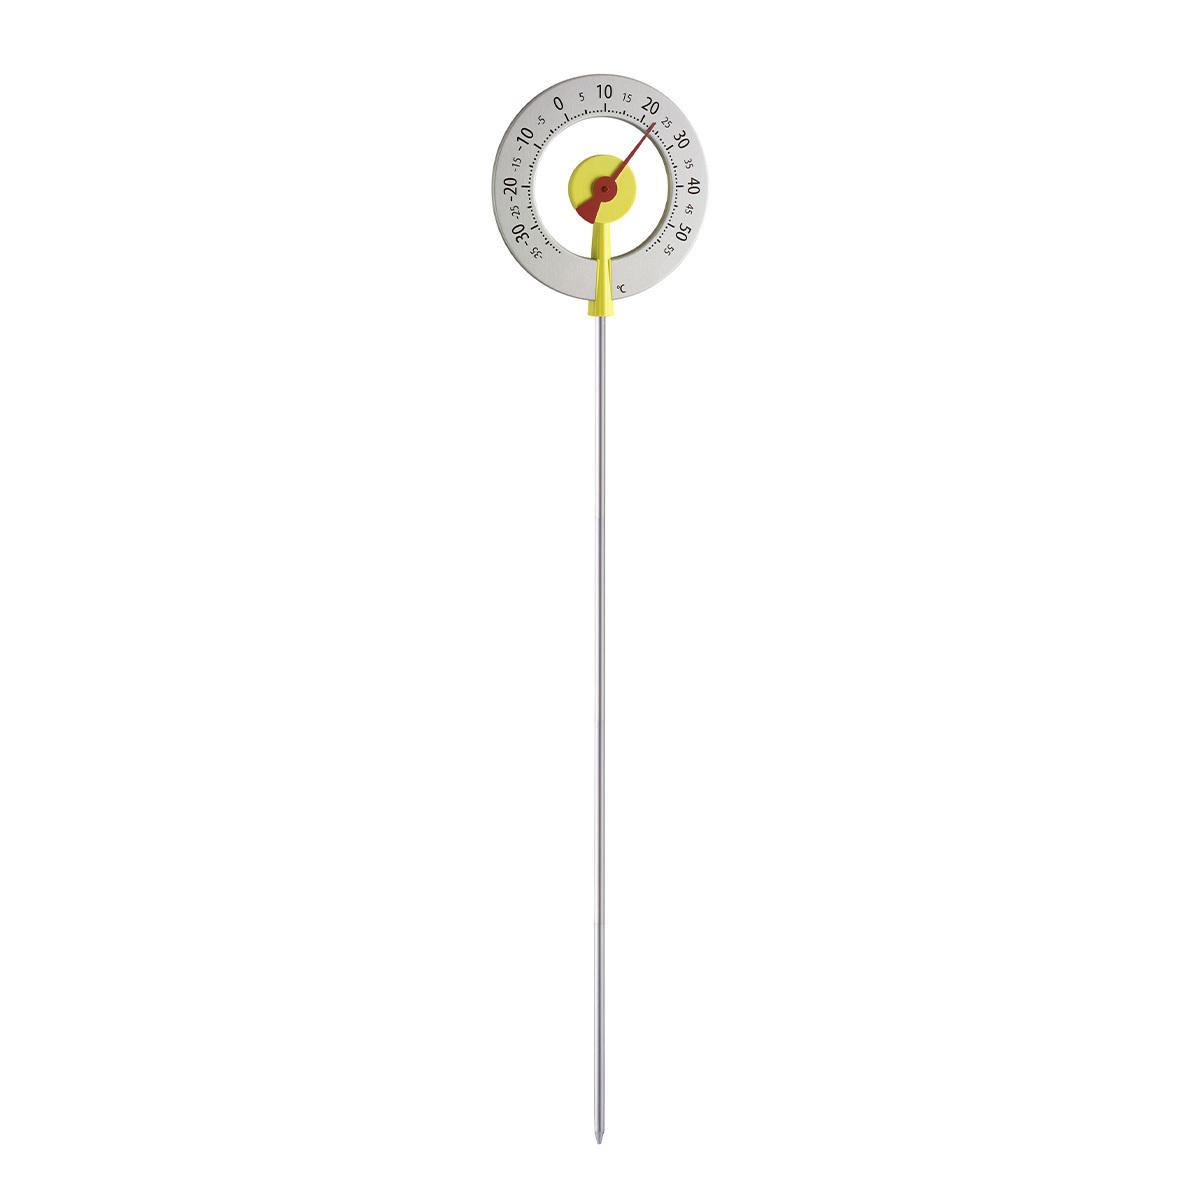 12-2055-07-analoges-design-gartenthermometer-lollipop1-1200x1200px.jpg